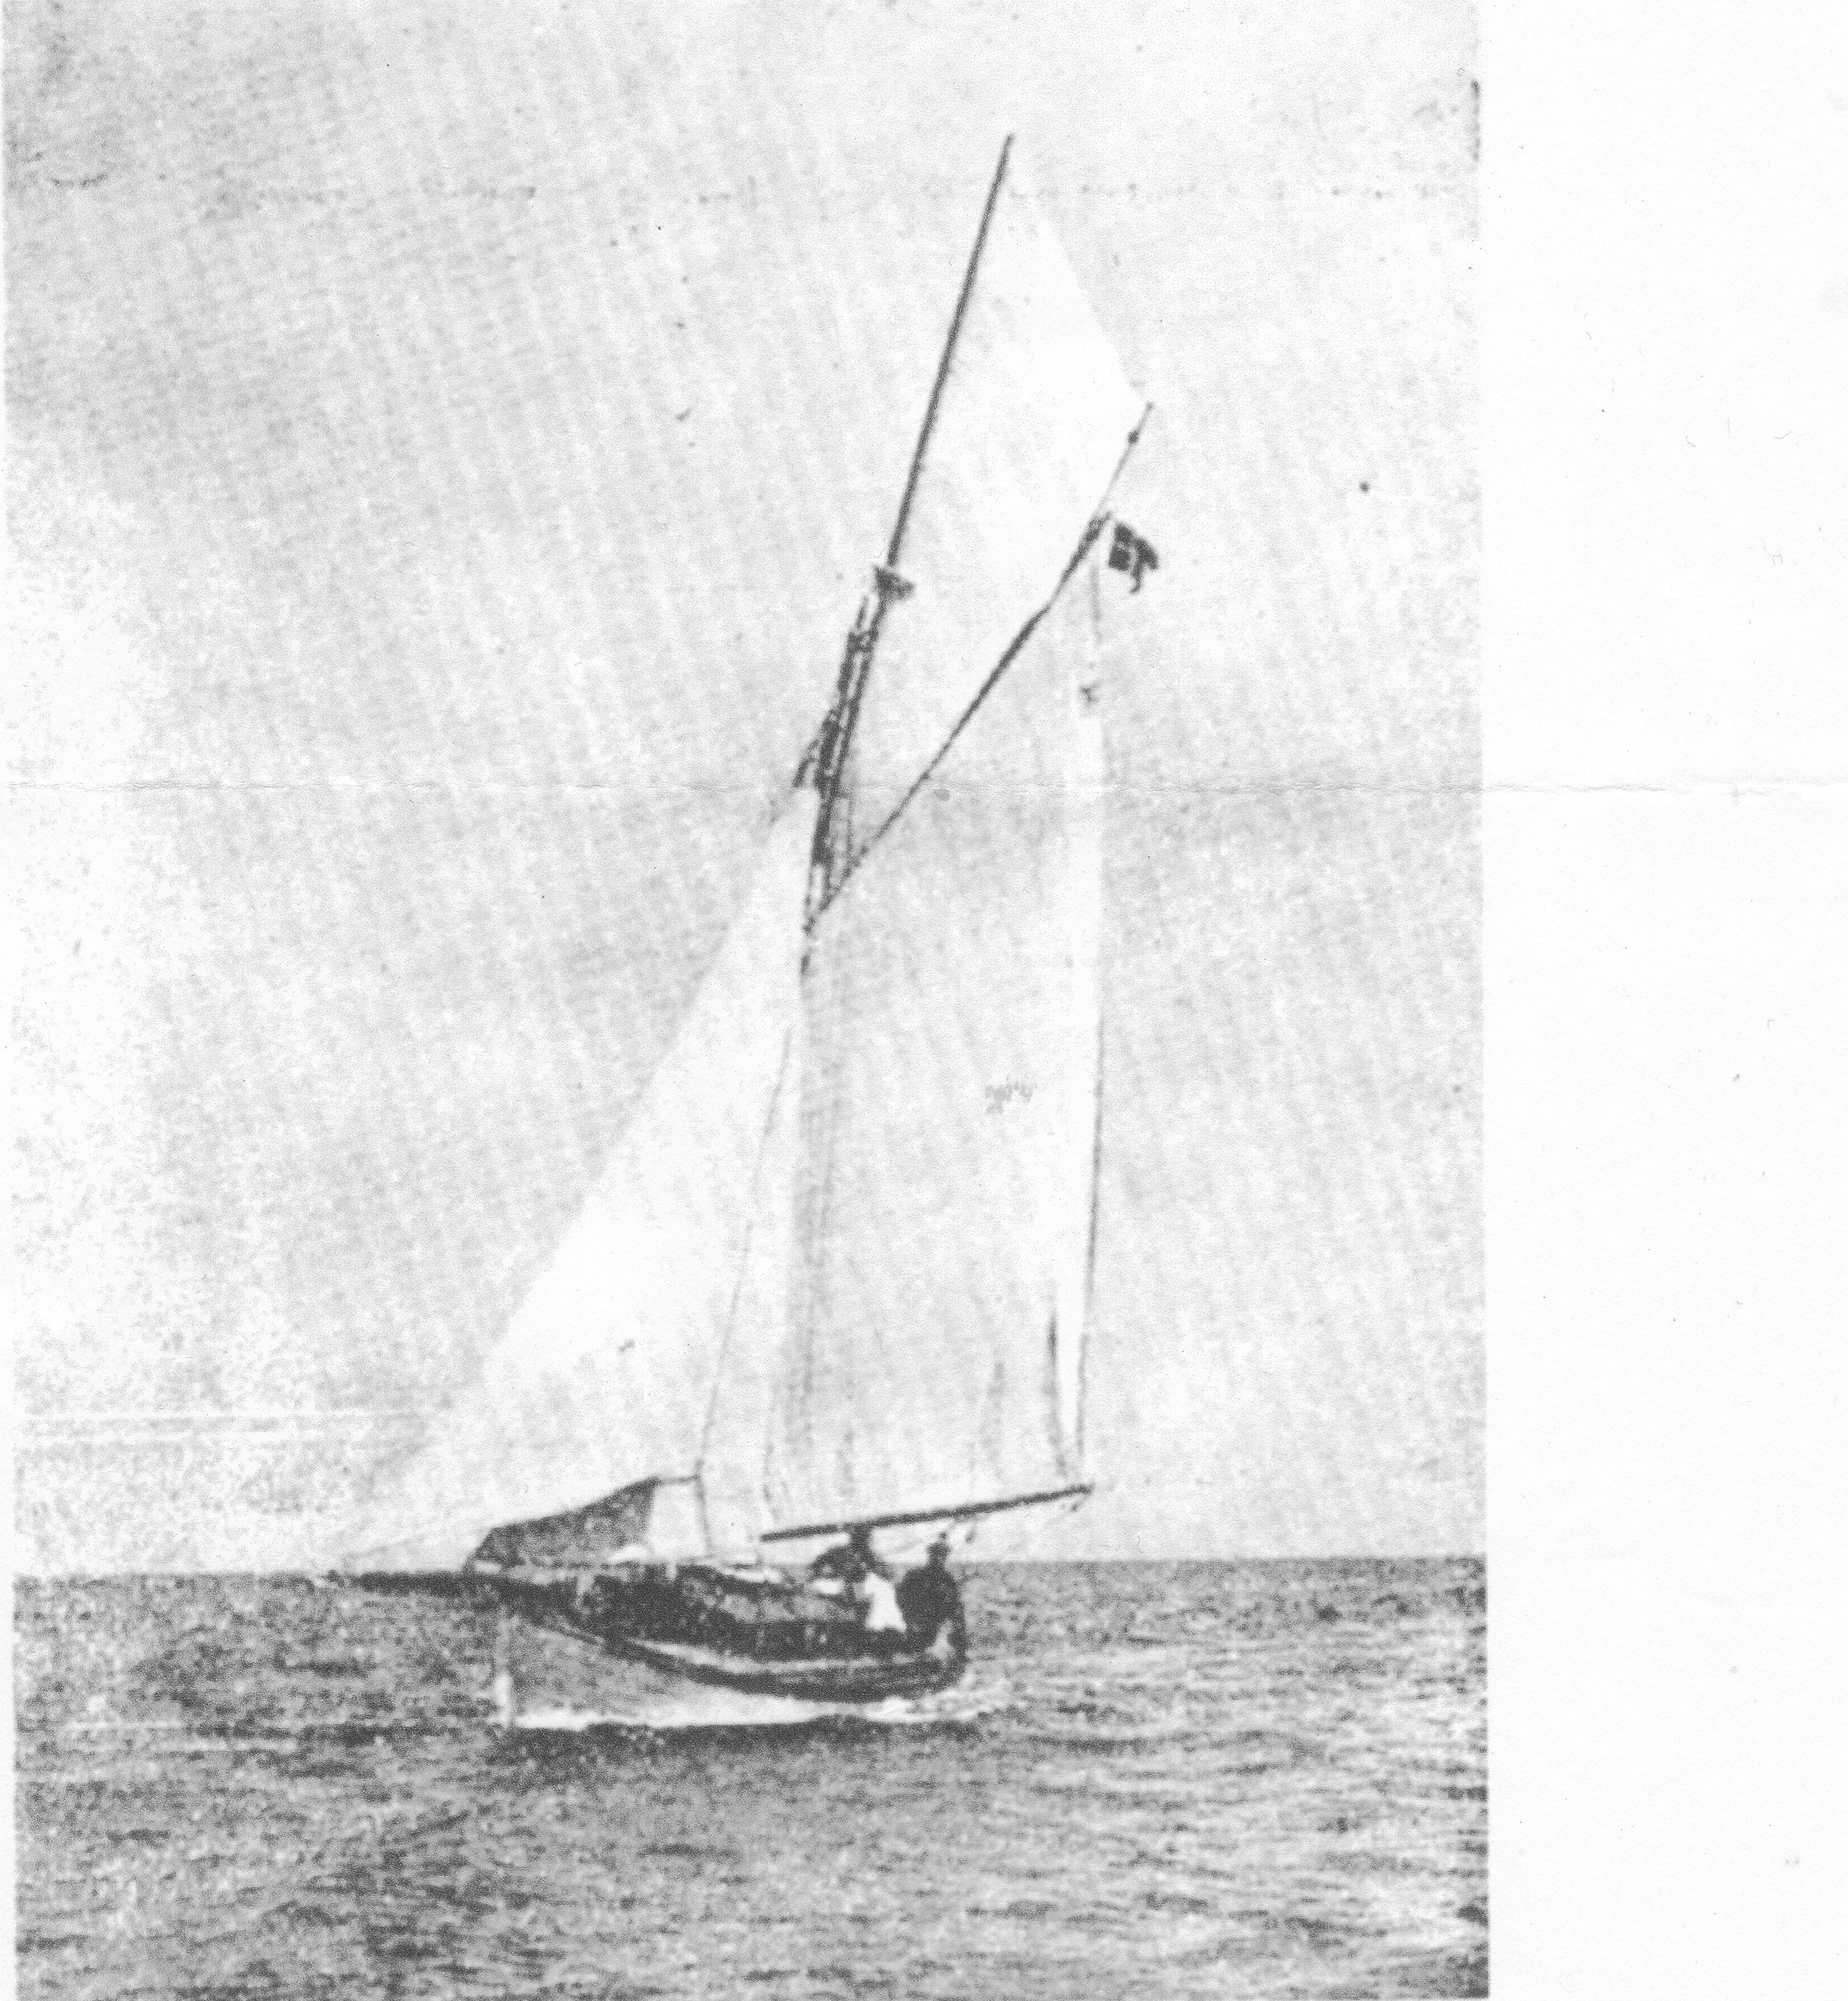 Spray på kapsejlads i Frem 1919. Billedet er fra klubbens årshæfte samme år. En båd i fin balance!